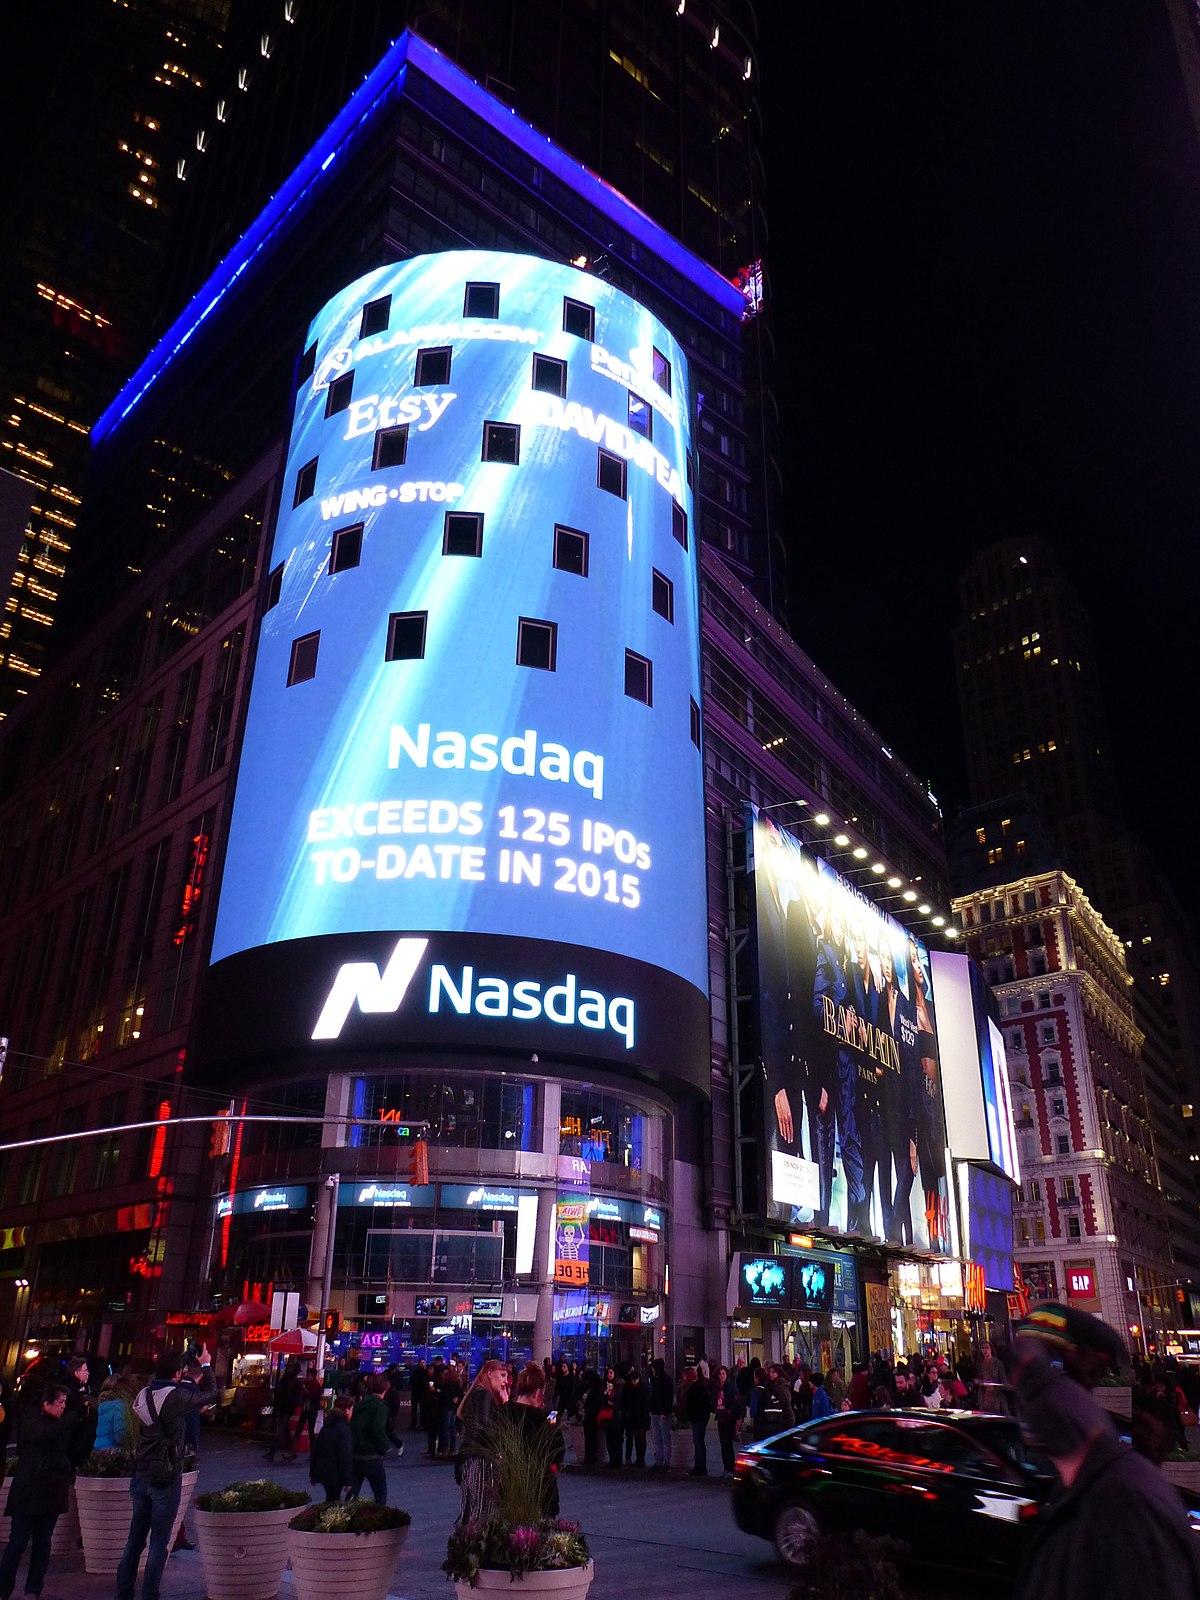 Nasdaq Marketsite Wikipedia